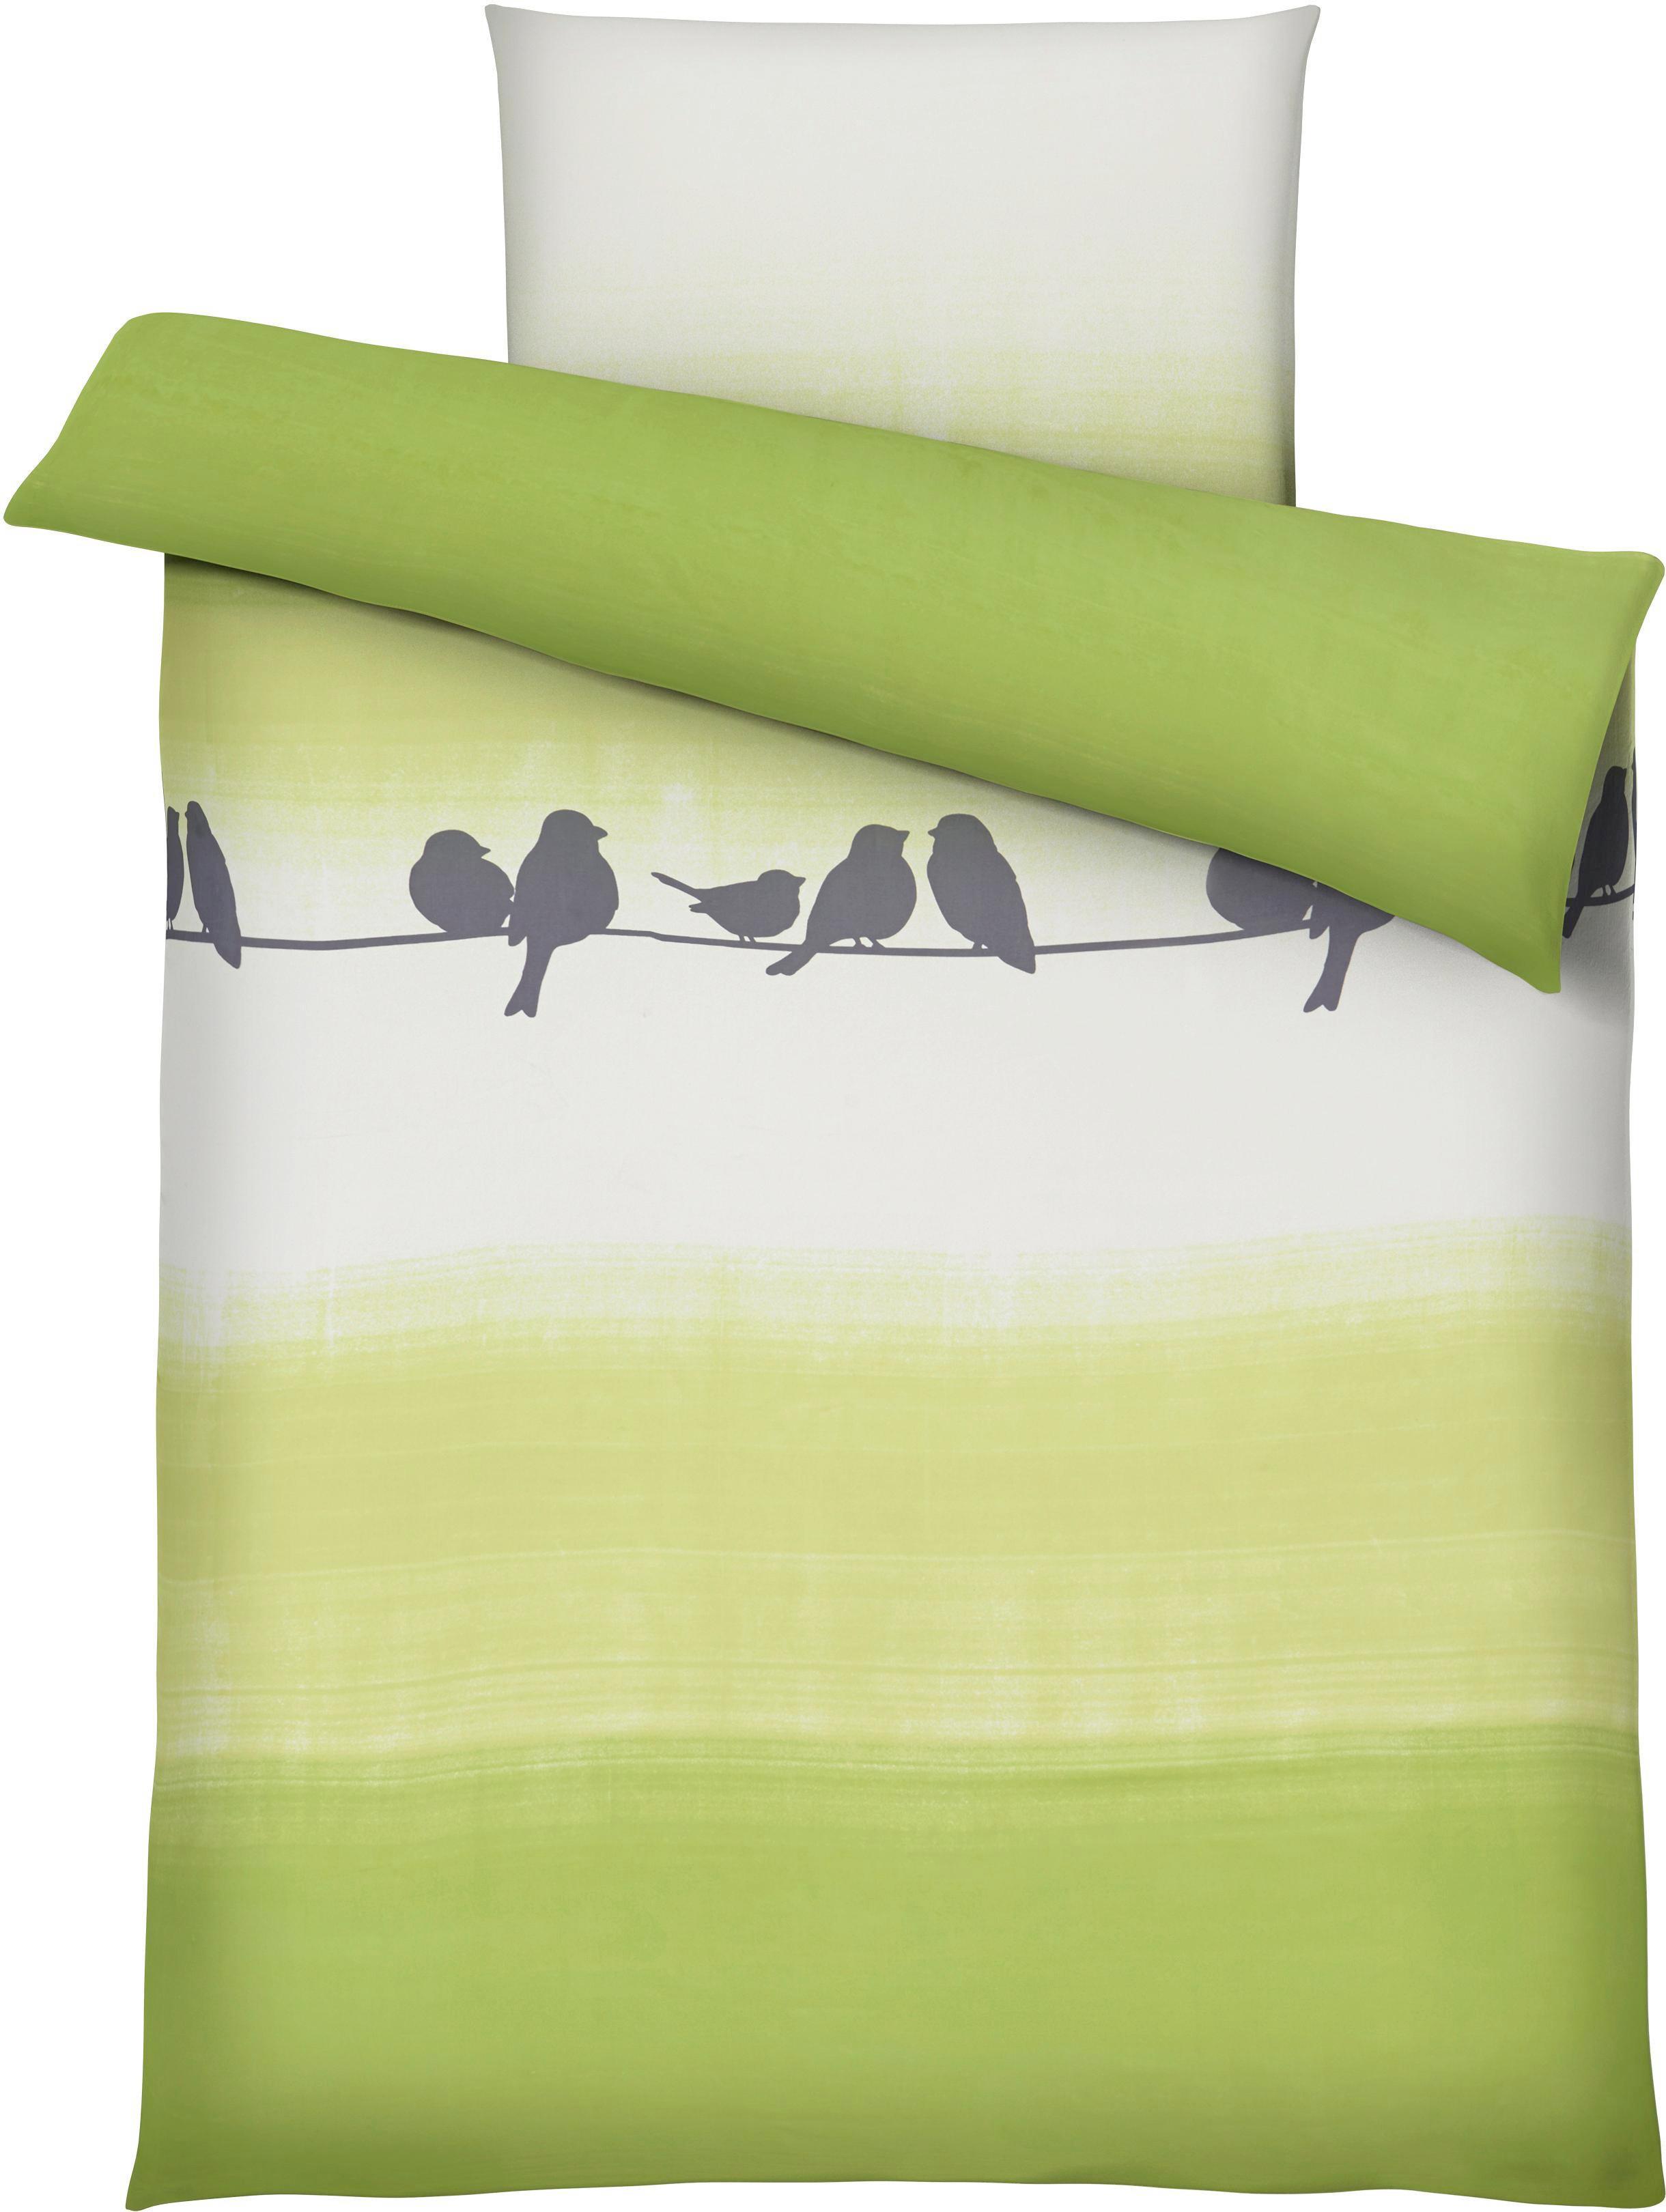 Bettwäsche Spatz in Grün ca. 135x200cm - Türkis, Textil (135/200cm) - MÖMAX modern living